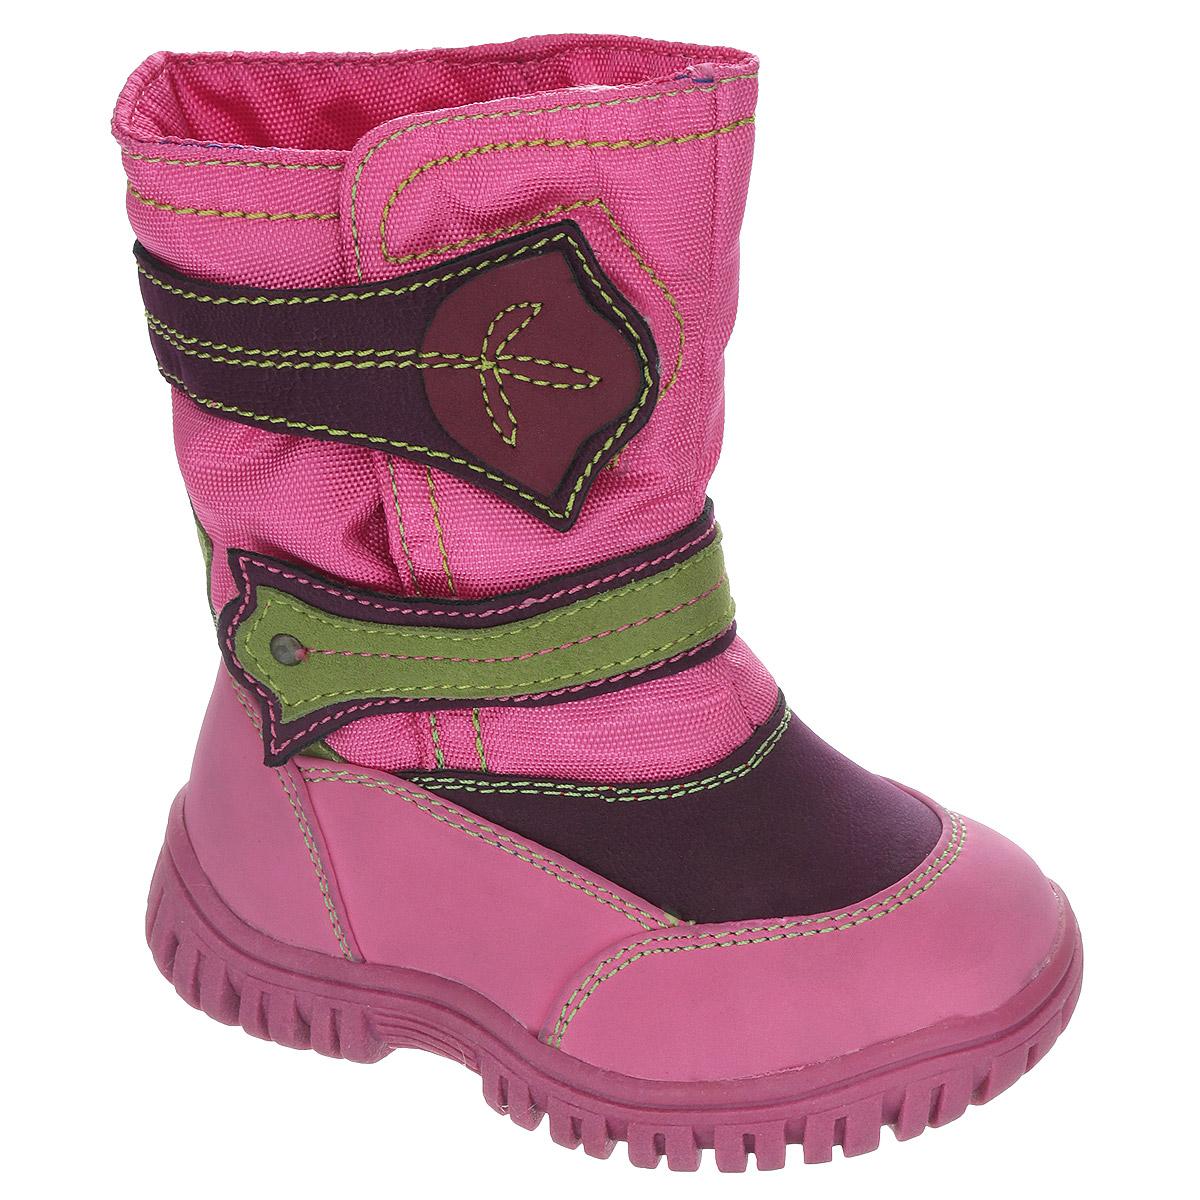 Сапоги для девочки Аллигаша, цвет: фуксия, зеленый, фиолетовый. 13-383. Размер 24 (23)13-383Замечательные сапоги для девочки Аллигаша, изготовленные из современных материалов, обеспечат удобство и комфорт ножкам вашей малышки в прохладную погоду. Верх выполнен из комбинаций искусственной кожи (нубука) и текстиля с пропиткой от промокания, а также оформлен текстильными ставками и контрастной прострочкой. Модель на высокой рифленой подошве с округлым мыском обеспечивает удобство и практичность на каждый день. Удобная пяточная часть укреплена. Внутренняя отделка из текстиля и шерсти. Две застежки-липучки оригинального дизайна по линии подъема обеспечивают практичность и комфортную фиксацию модели на ноге. Стелька из натуральной шерсти не даст ножке замерзнуть. Прорезиненная подошва с протектором обеспечивает удобство и комфорт в носке при любой погоде.В таких сапожках ножкам вашего ребенка всегда будет комфортно, уютно и тепло!